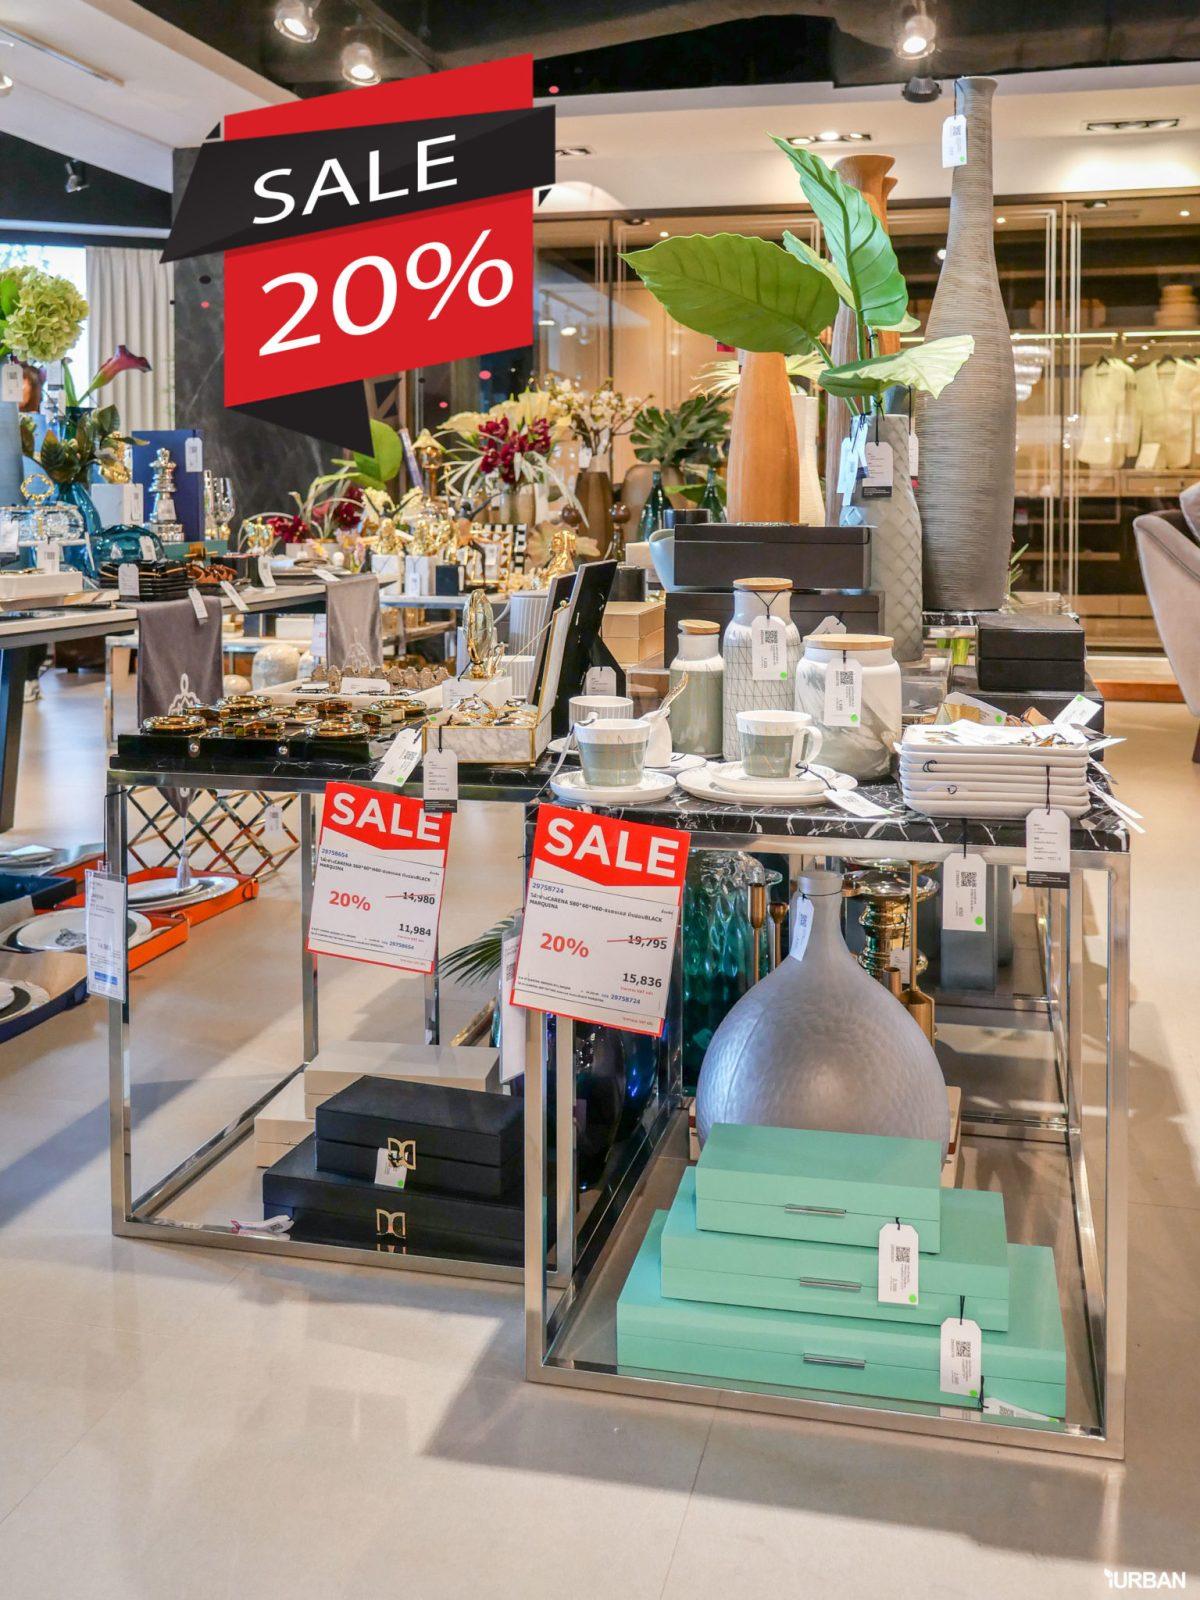 พาชม MODERNFORM ลดถึง 75% งาน The Annual Sale 2019 ปีนี้มีอะไรบ้าง? 118 - decorate